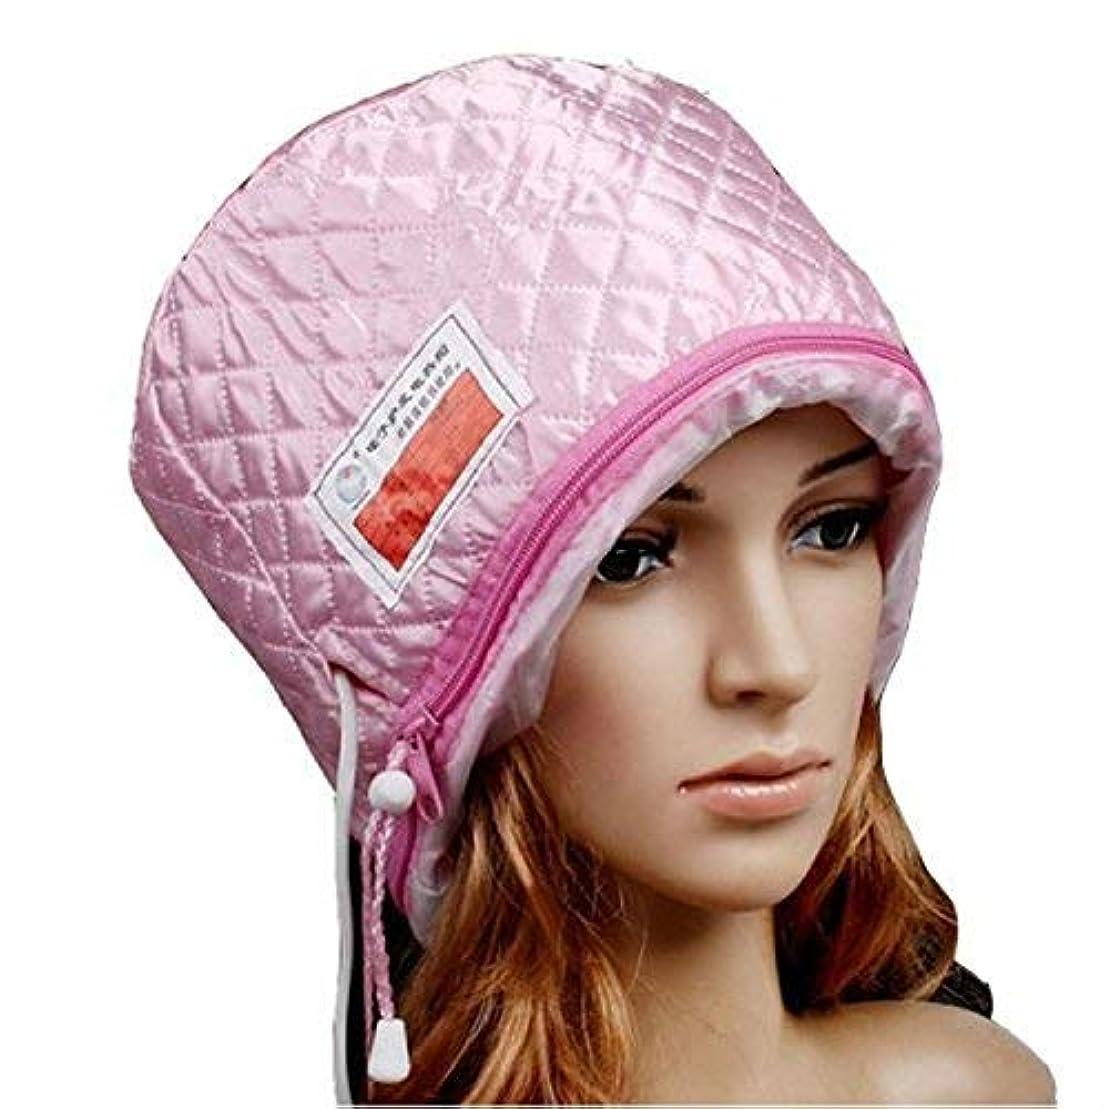 はっきりしない犯す貸すセキュリティファッションヘアケアヘアメンブレンキャップ電気加熱キャップ美容スチーマー栄養帽子